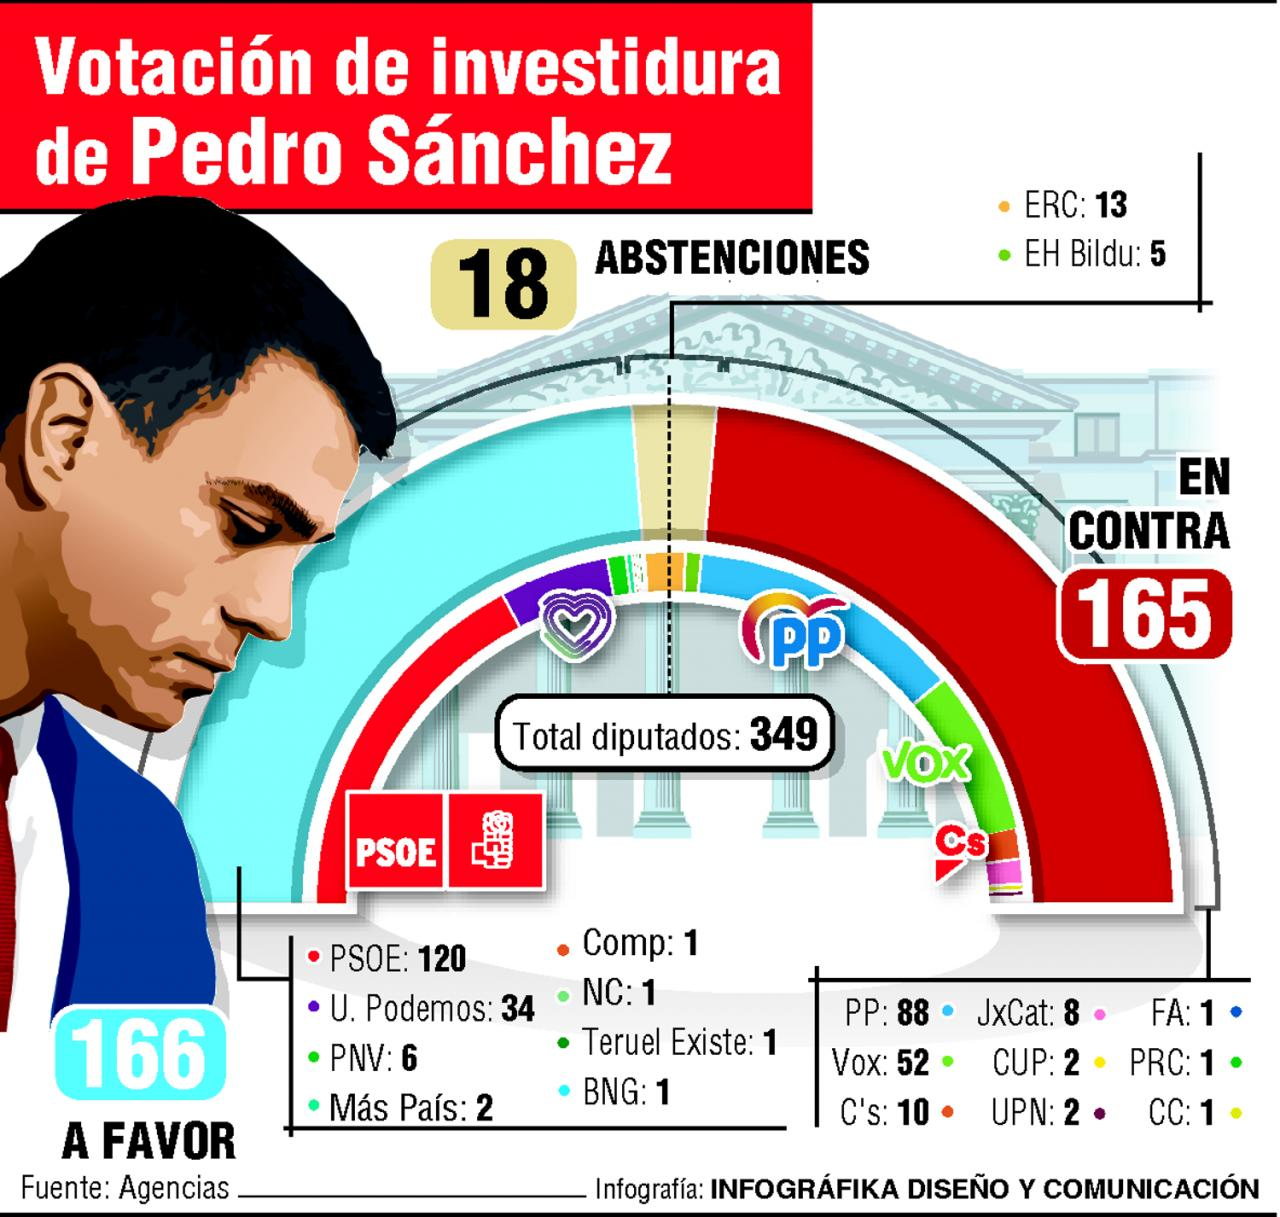 Primera votación de la investidura de Pedro Sánchez